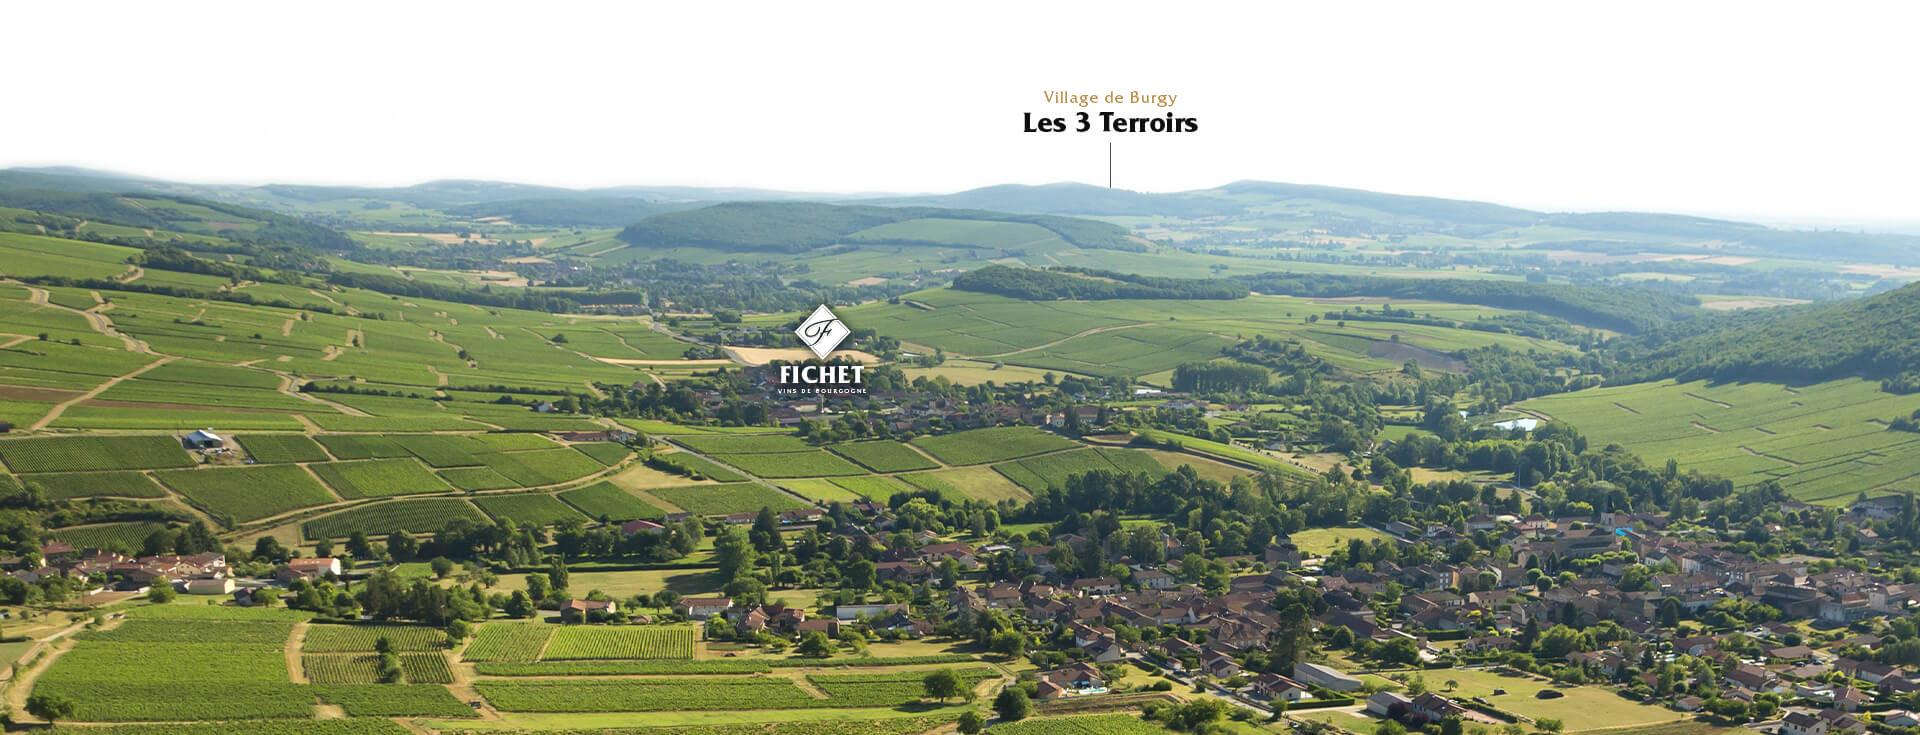 parcelle Les 3 Terroirs - Domaine FICHET